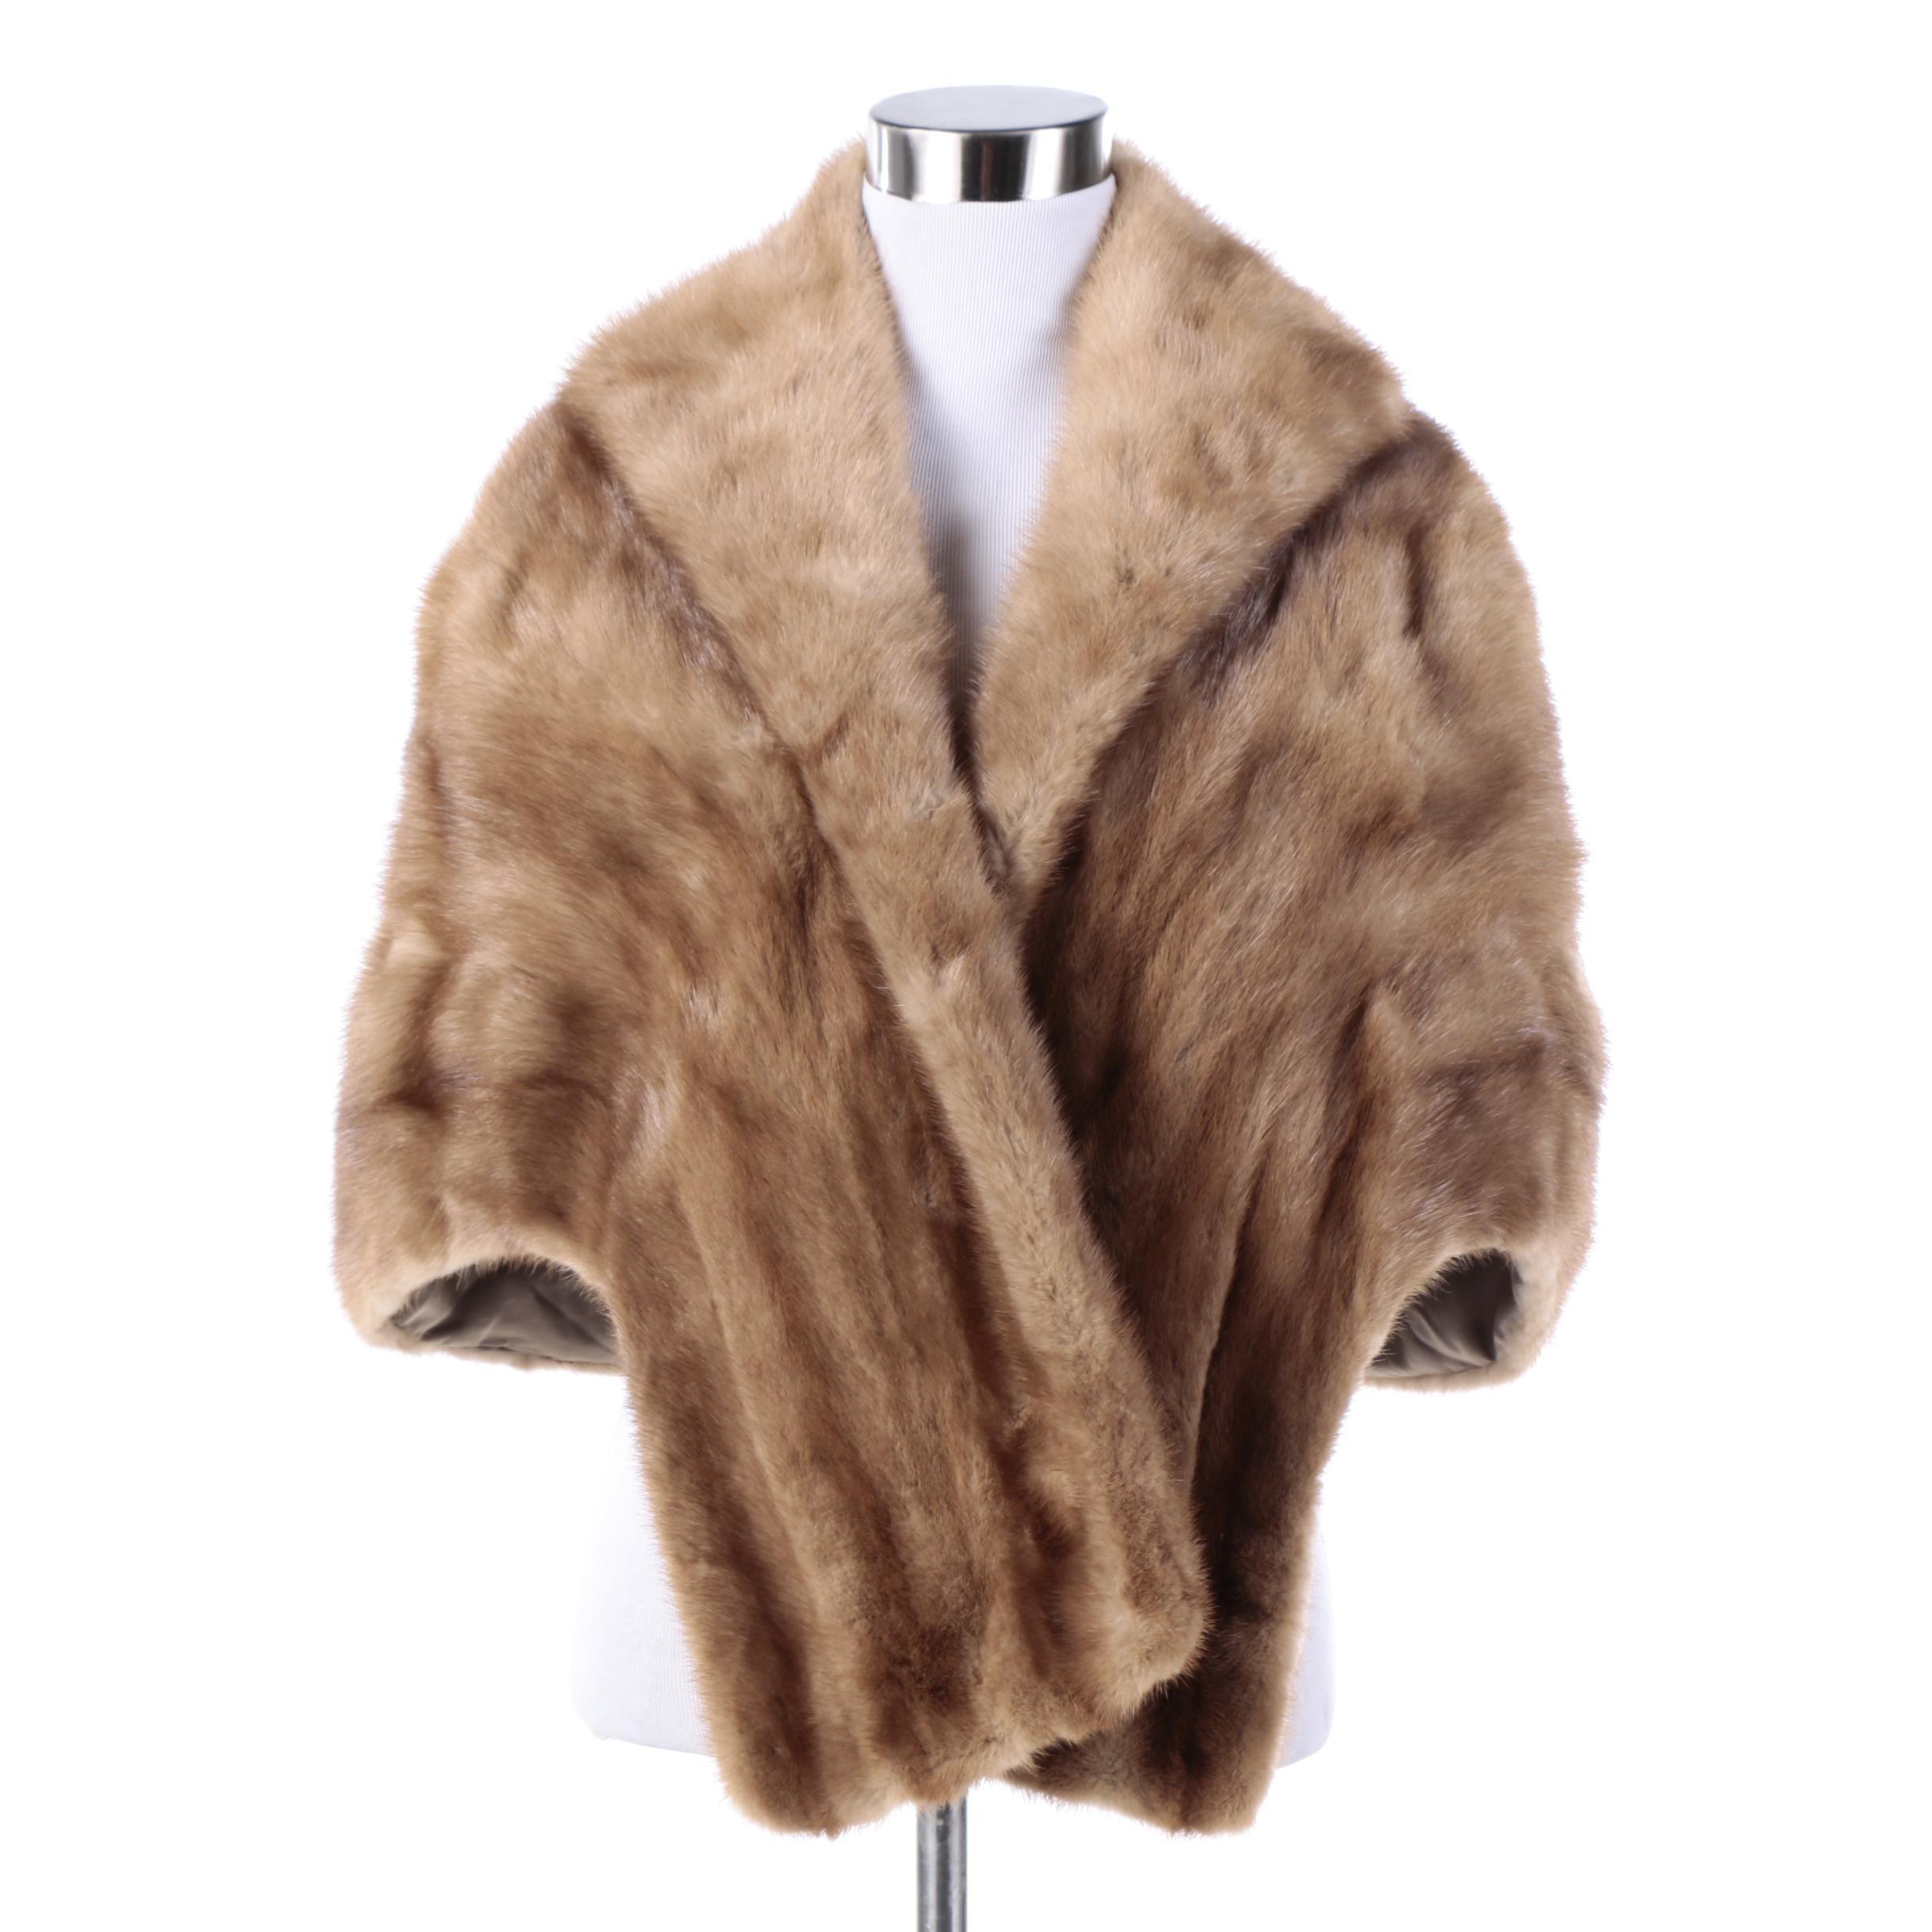 Vintage H.P. Wasson & Co. Mink Fur Stole